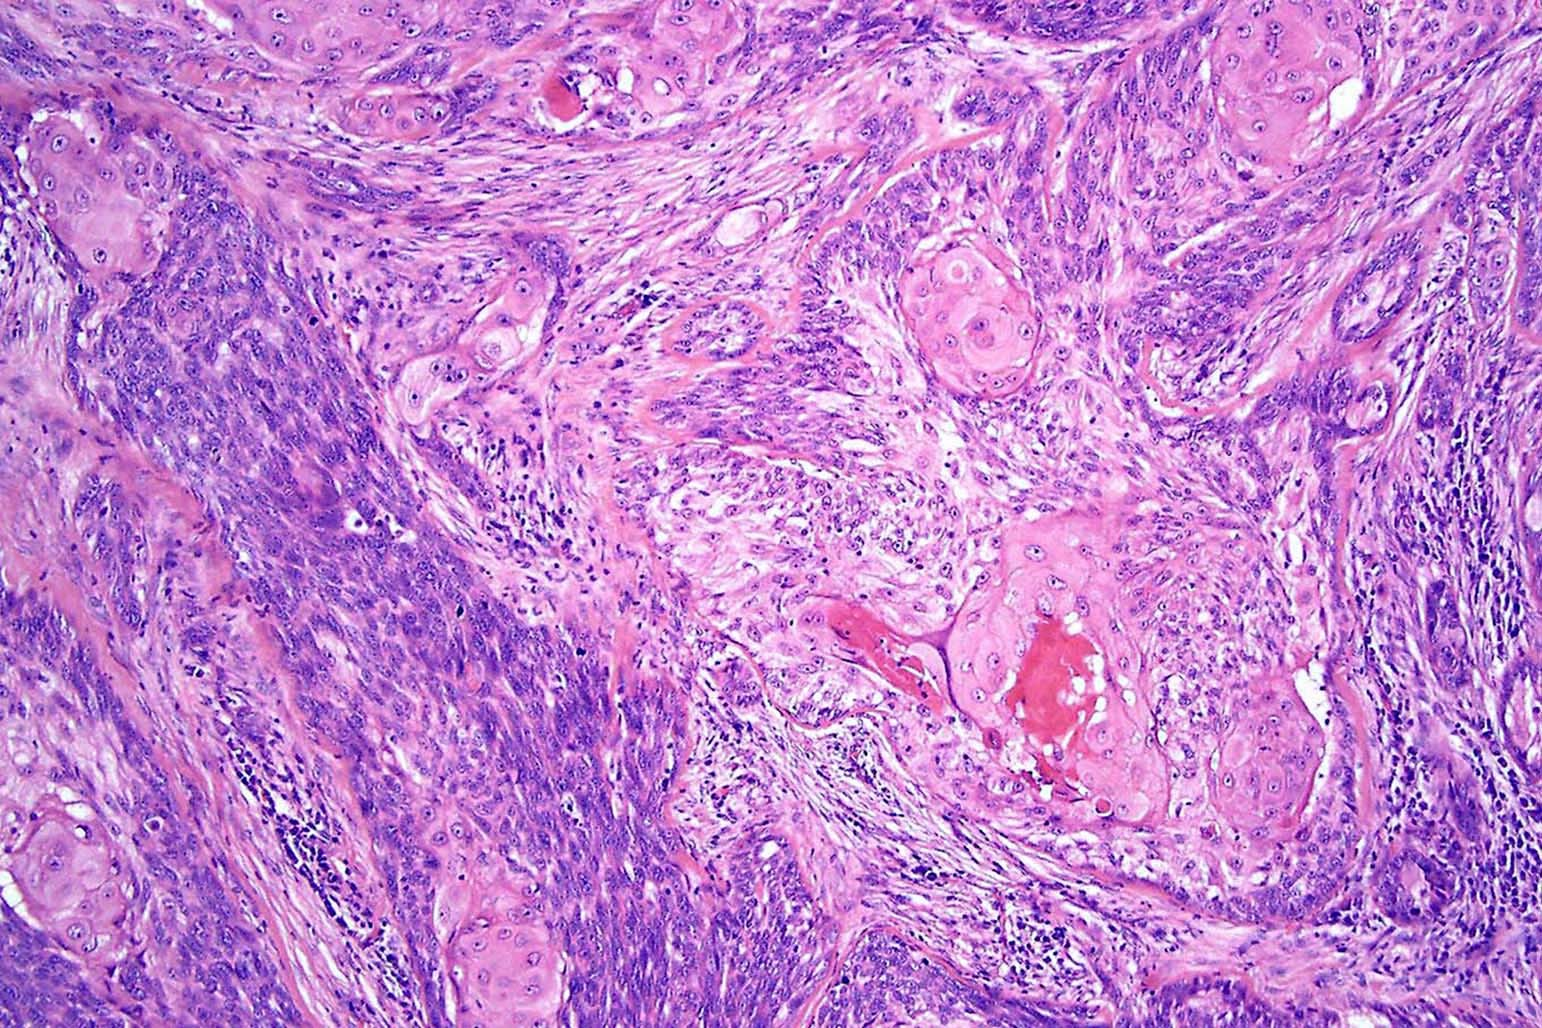 Basosquamous carcinoma